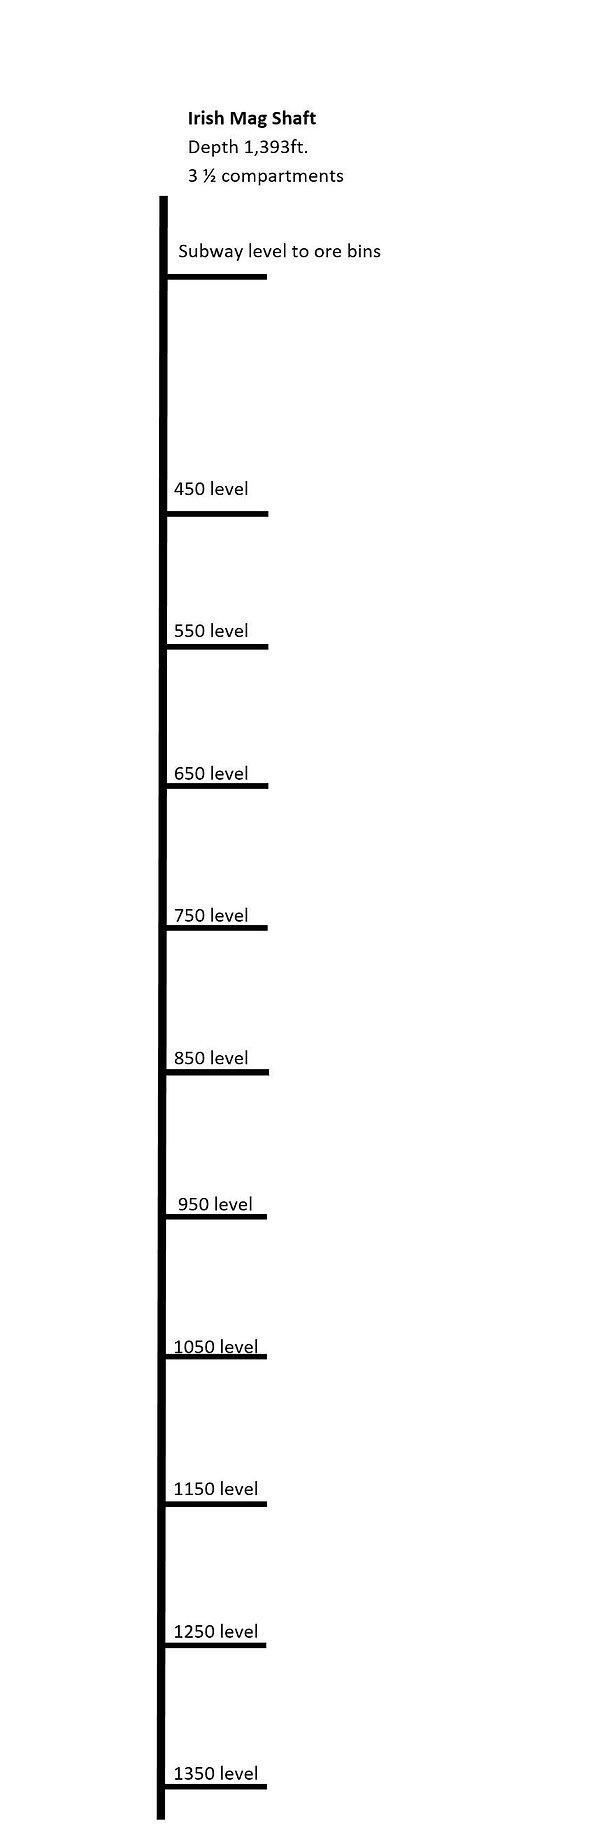 Diagram of Irish Mag Shaft Bisbee, Arizona